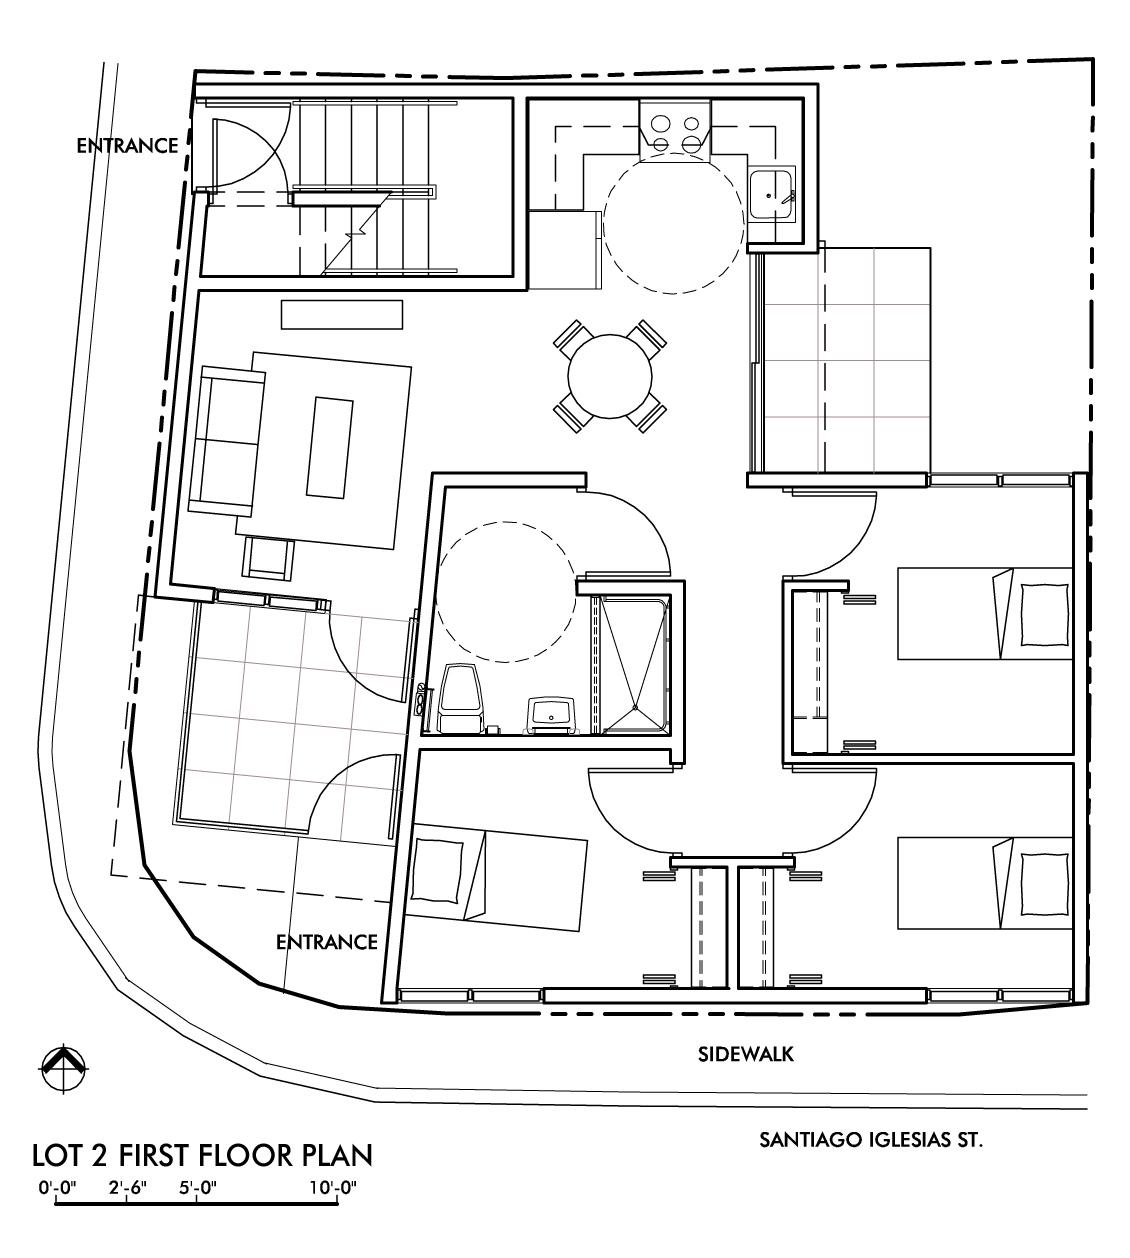 lote 2 first floor plan.jpg